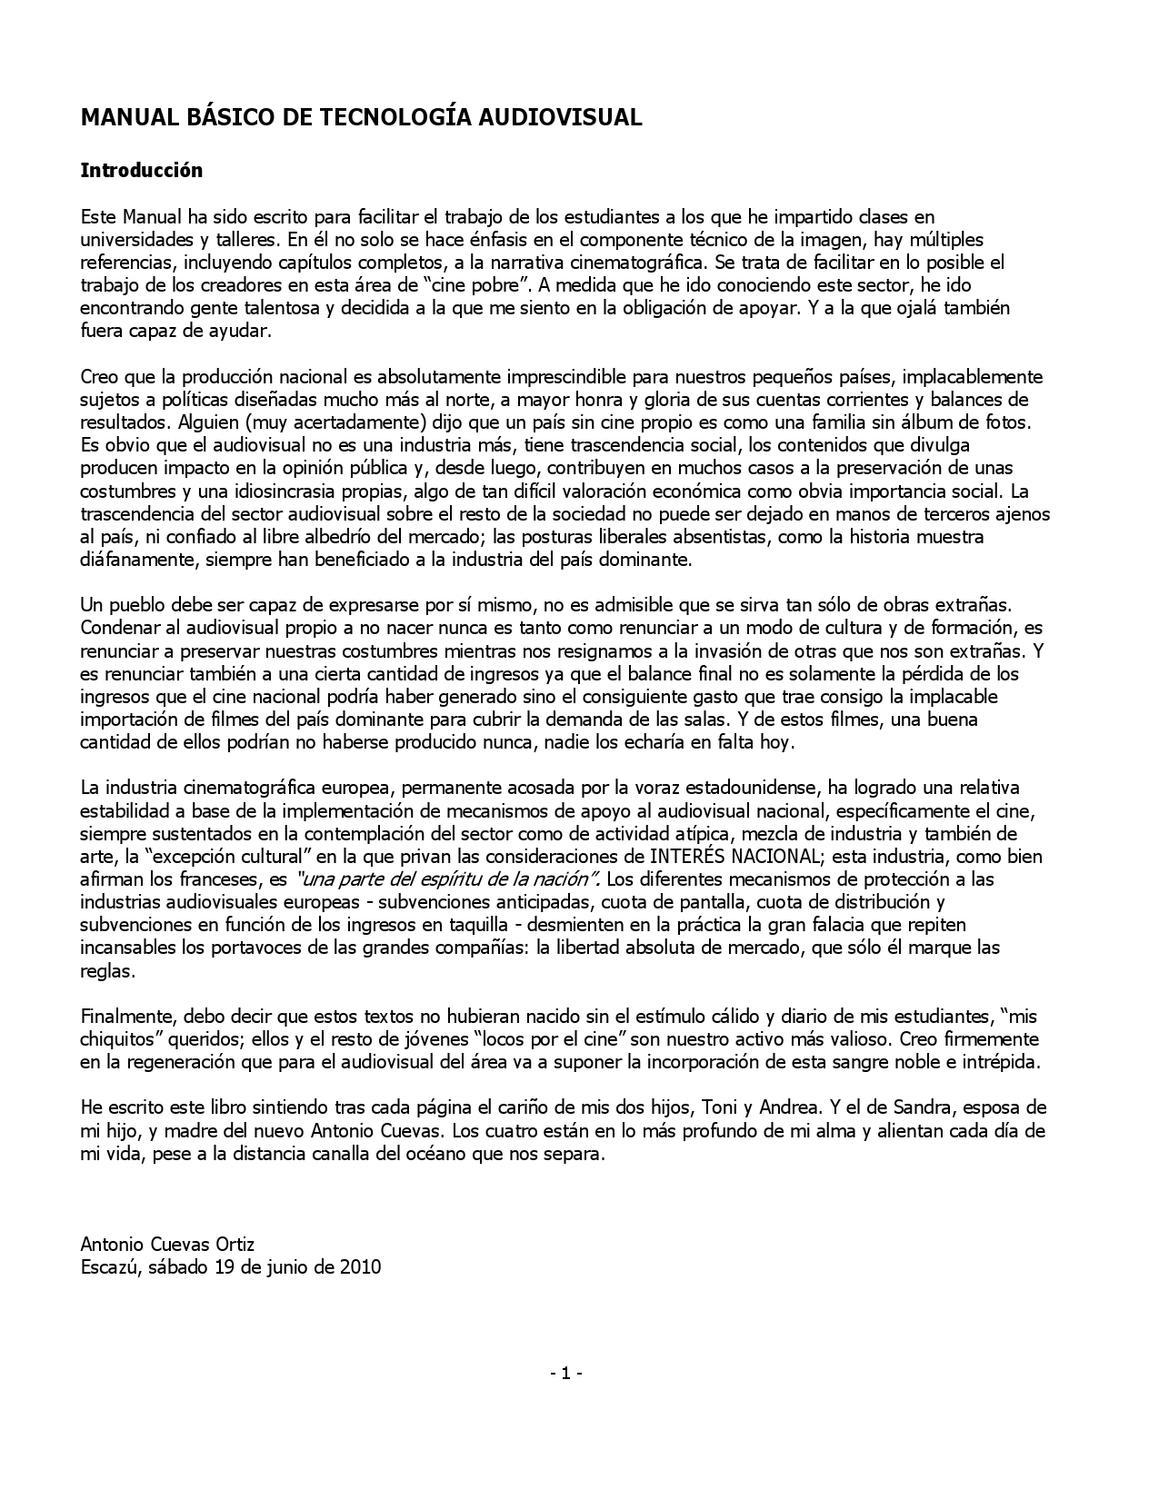 Introducción Manual Básico de Técnología Audiovisual by Centro  Costarricense de Producción Cinematográfica - issuu